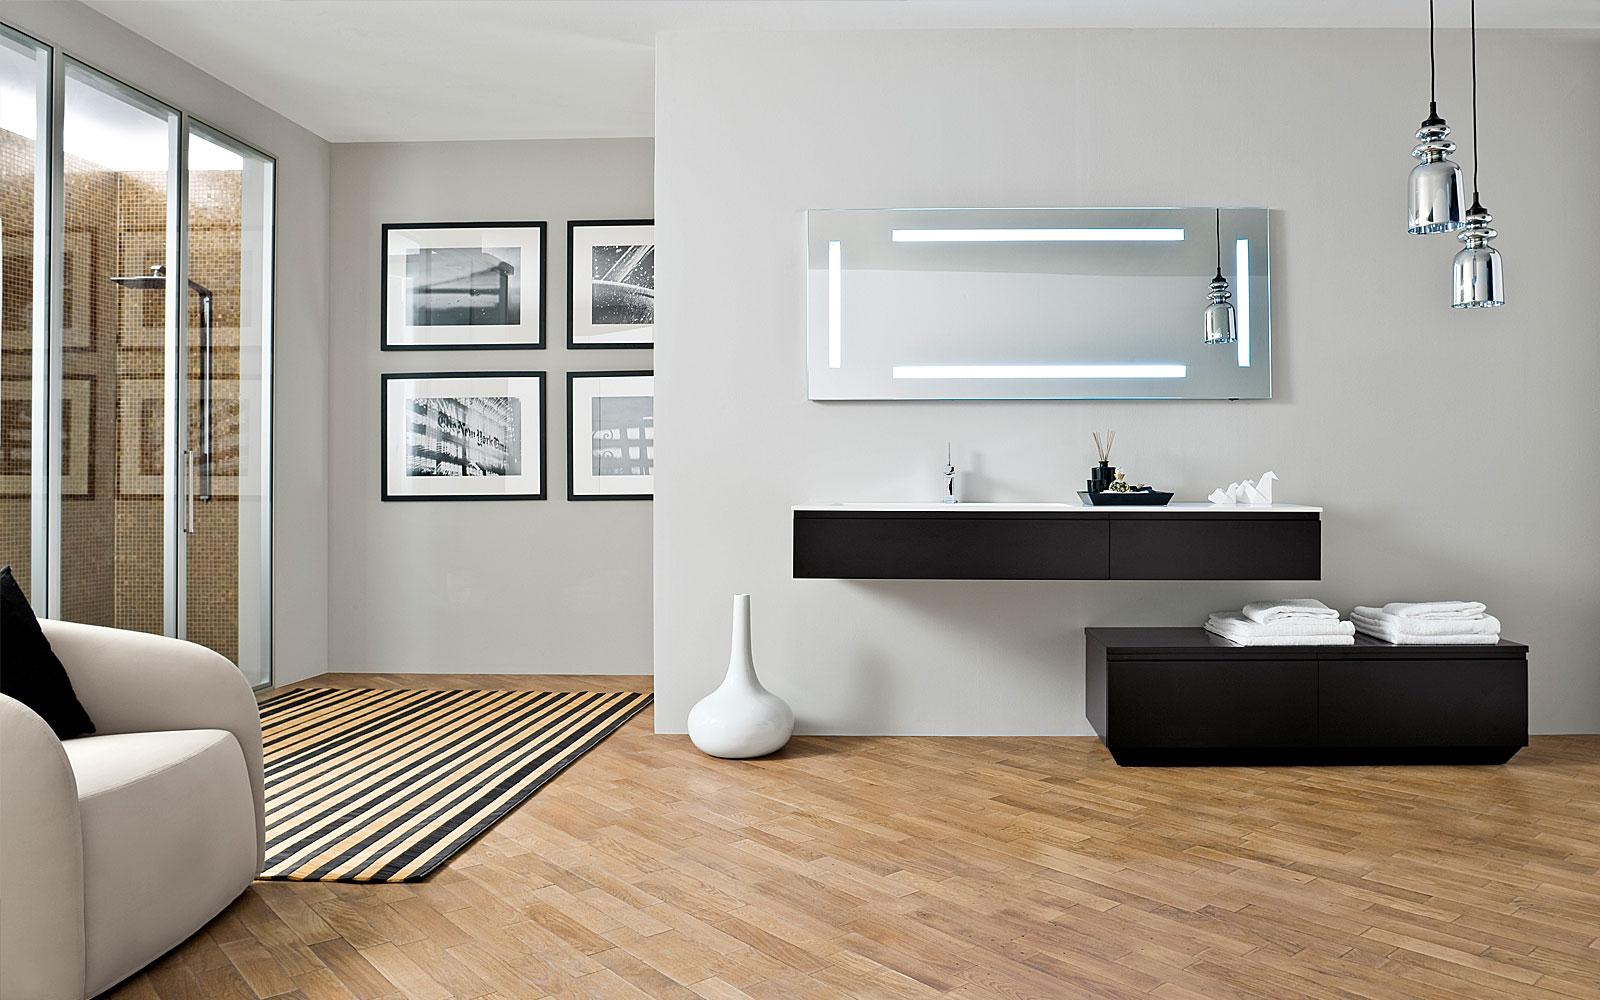 Wohnraumgestaltung Mit Farben. wohnraumgestaltung mit farbe. wohnzimmer grun weis haus design ...